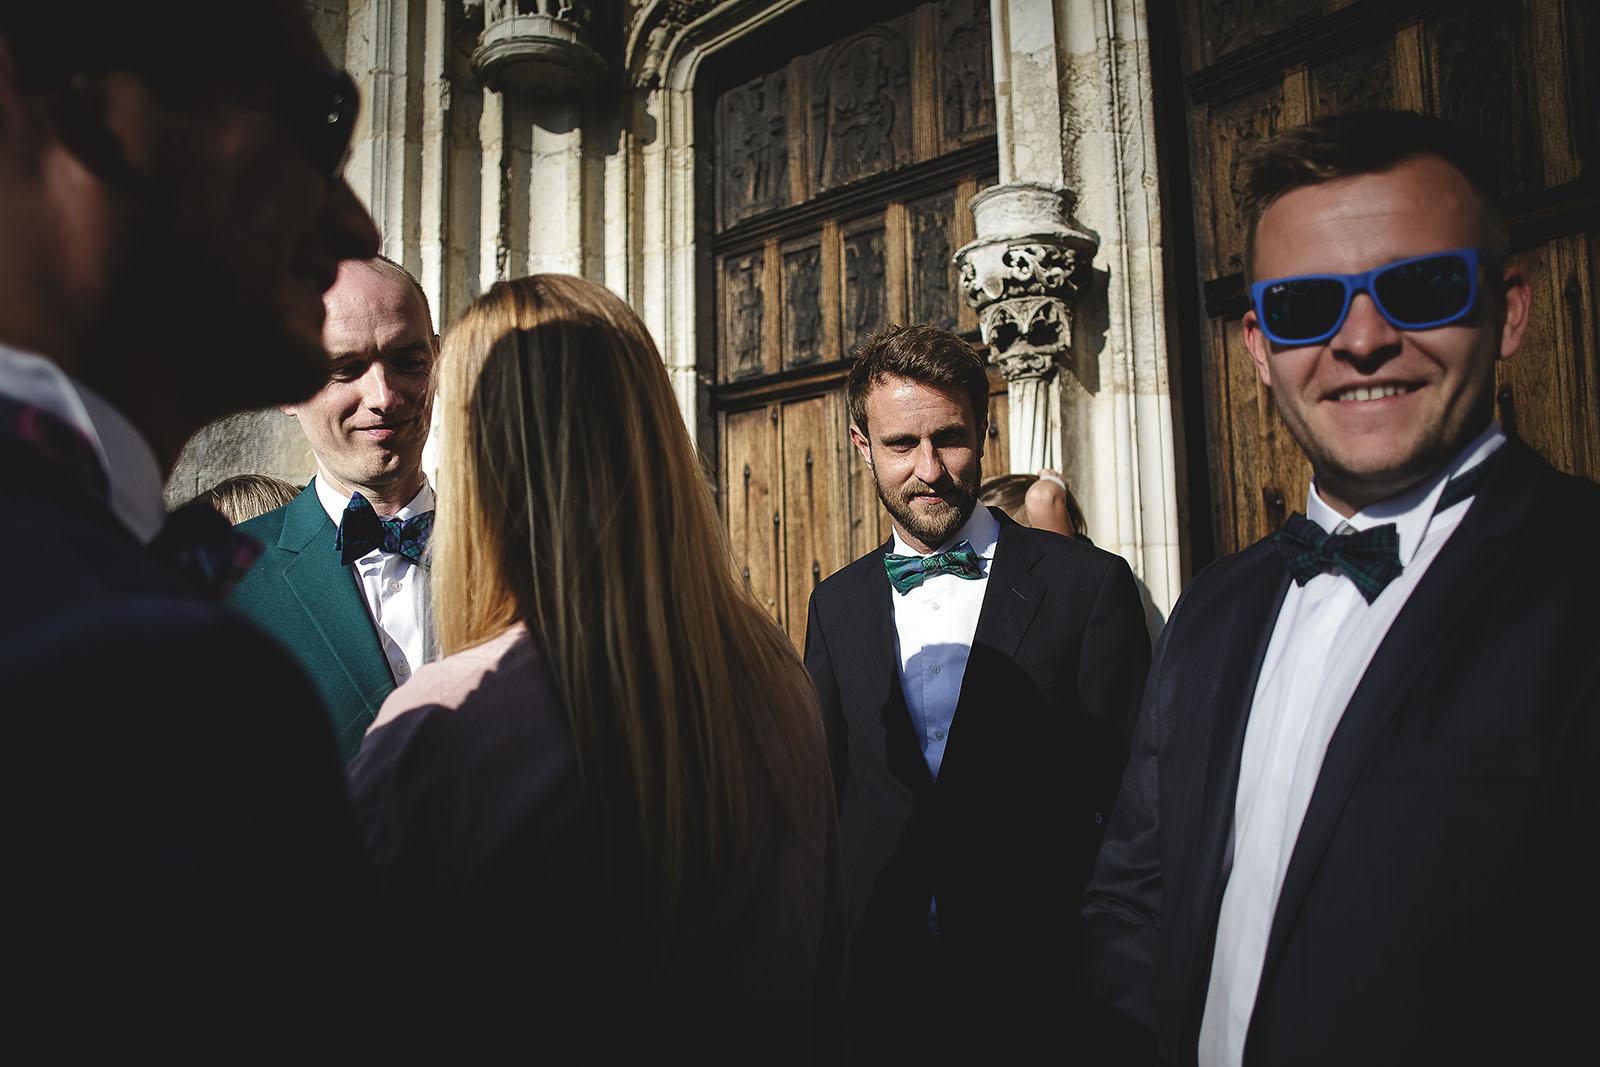 Mariage Manoir des Prévanches. David Pommier photographe de mariage. Les témoins et le marié devant l'église